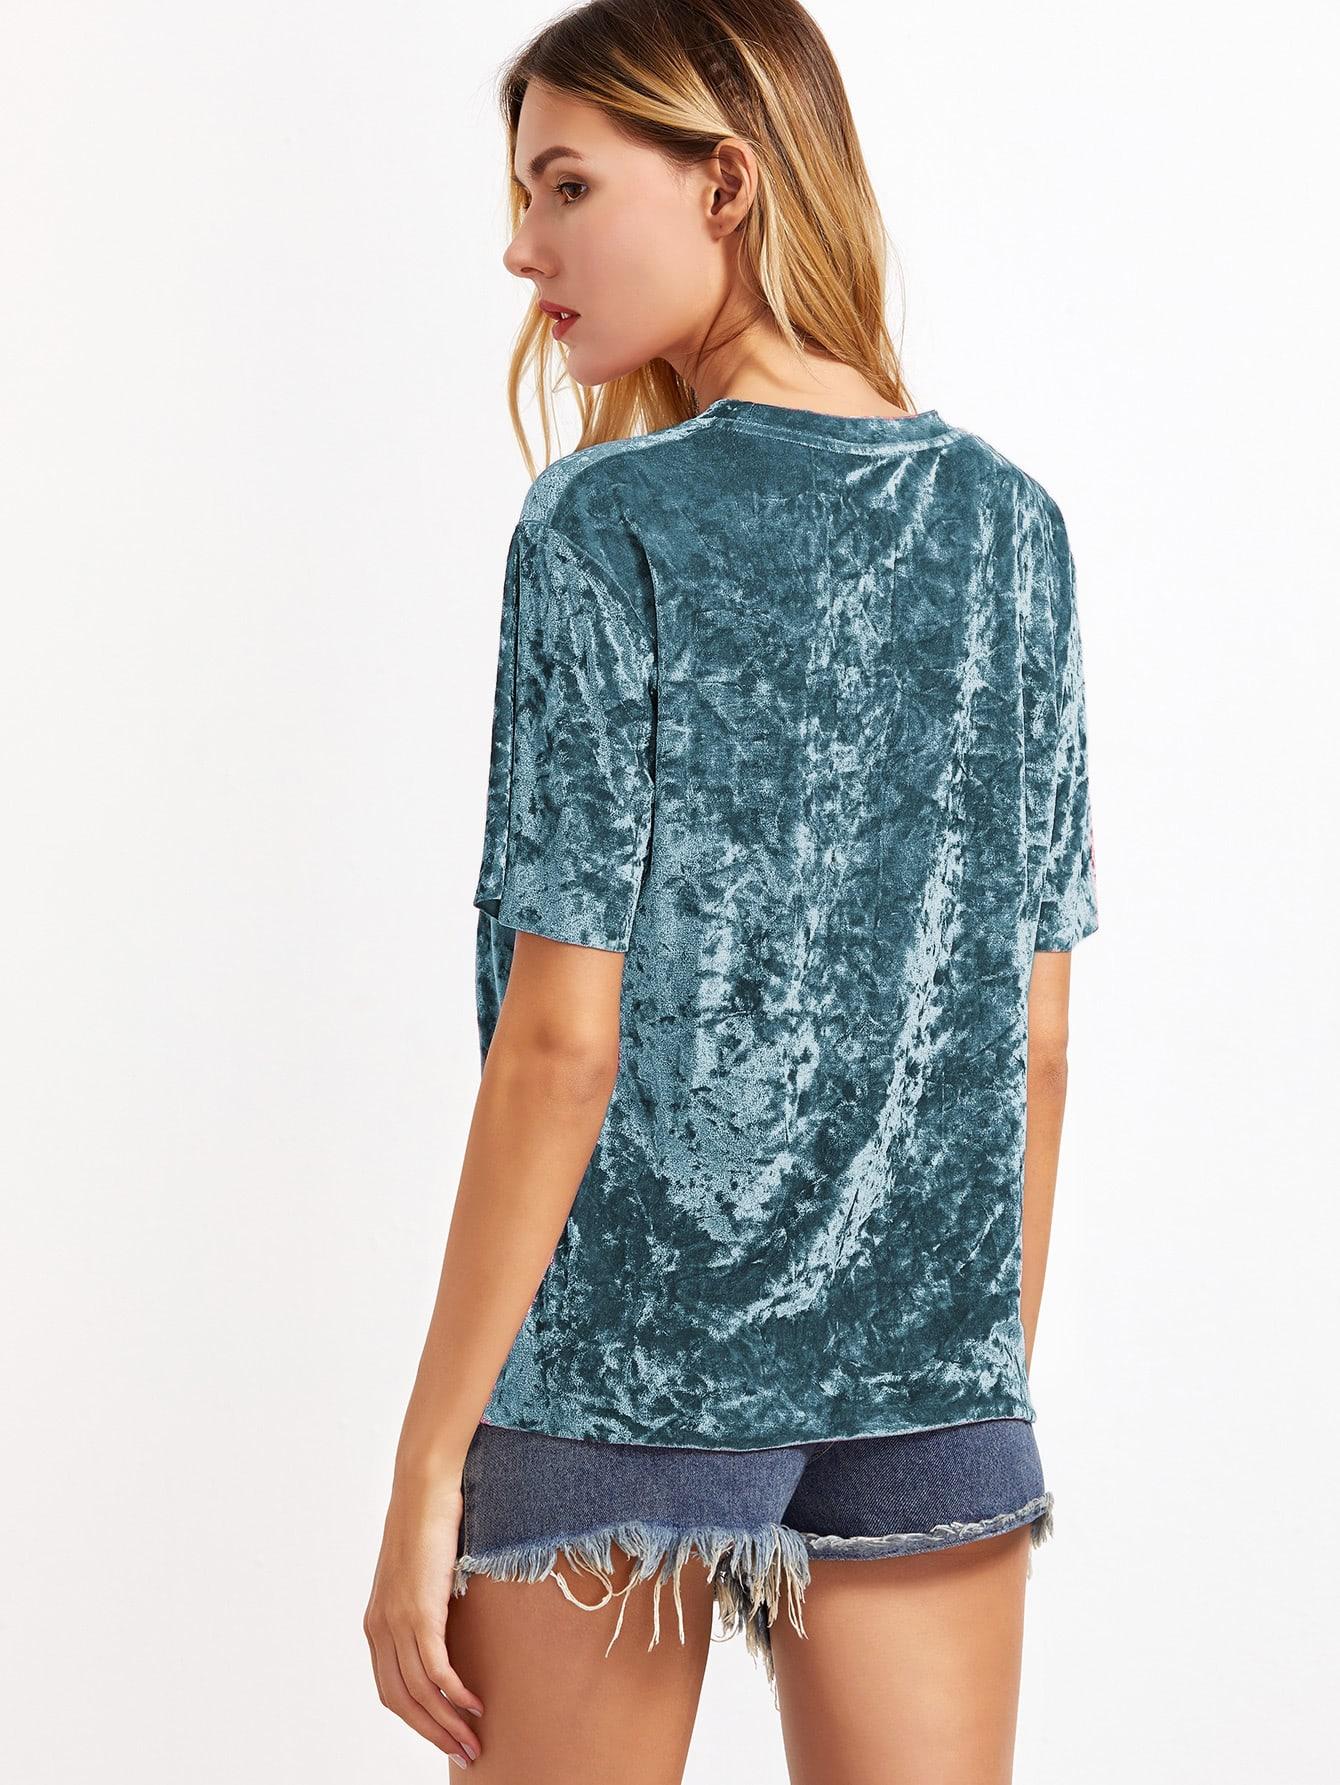 253350d0c8 Green Short Sleeve Crushed Velvet T-shirt -ROMWE